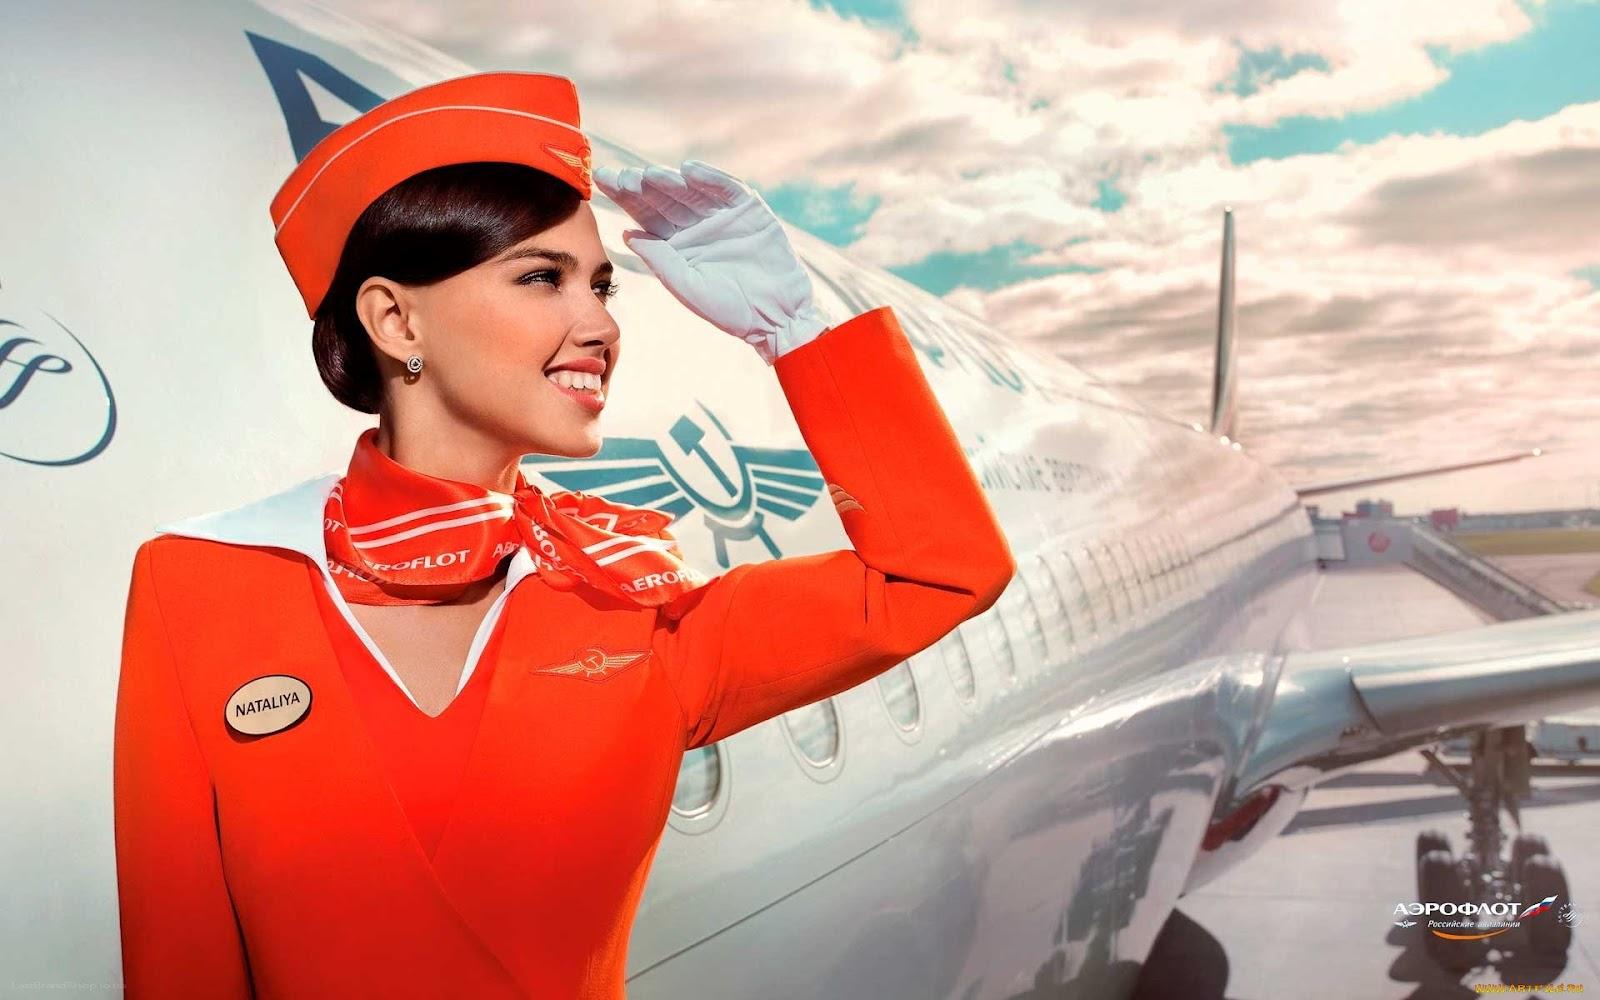 Aeroflot Air Hostess wallpaper 5